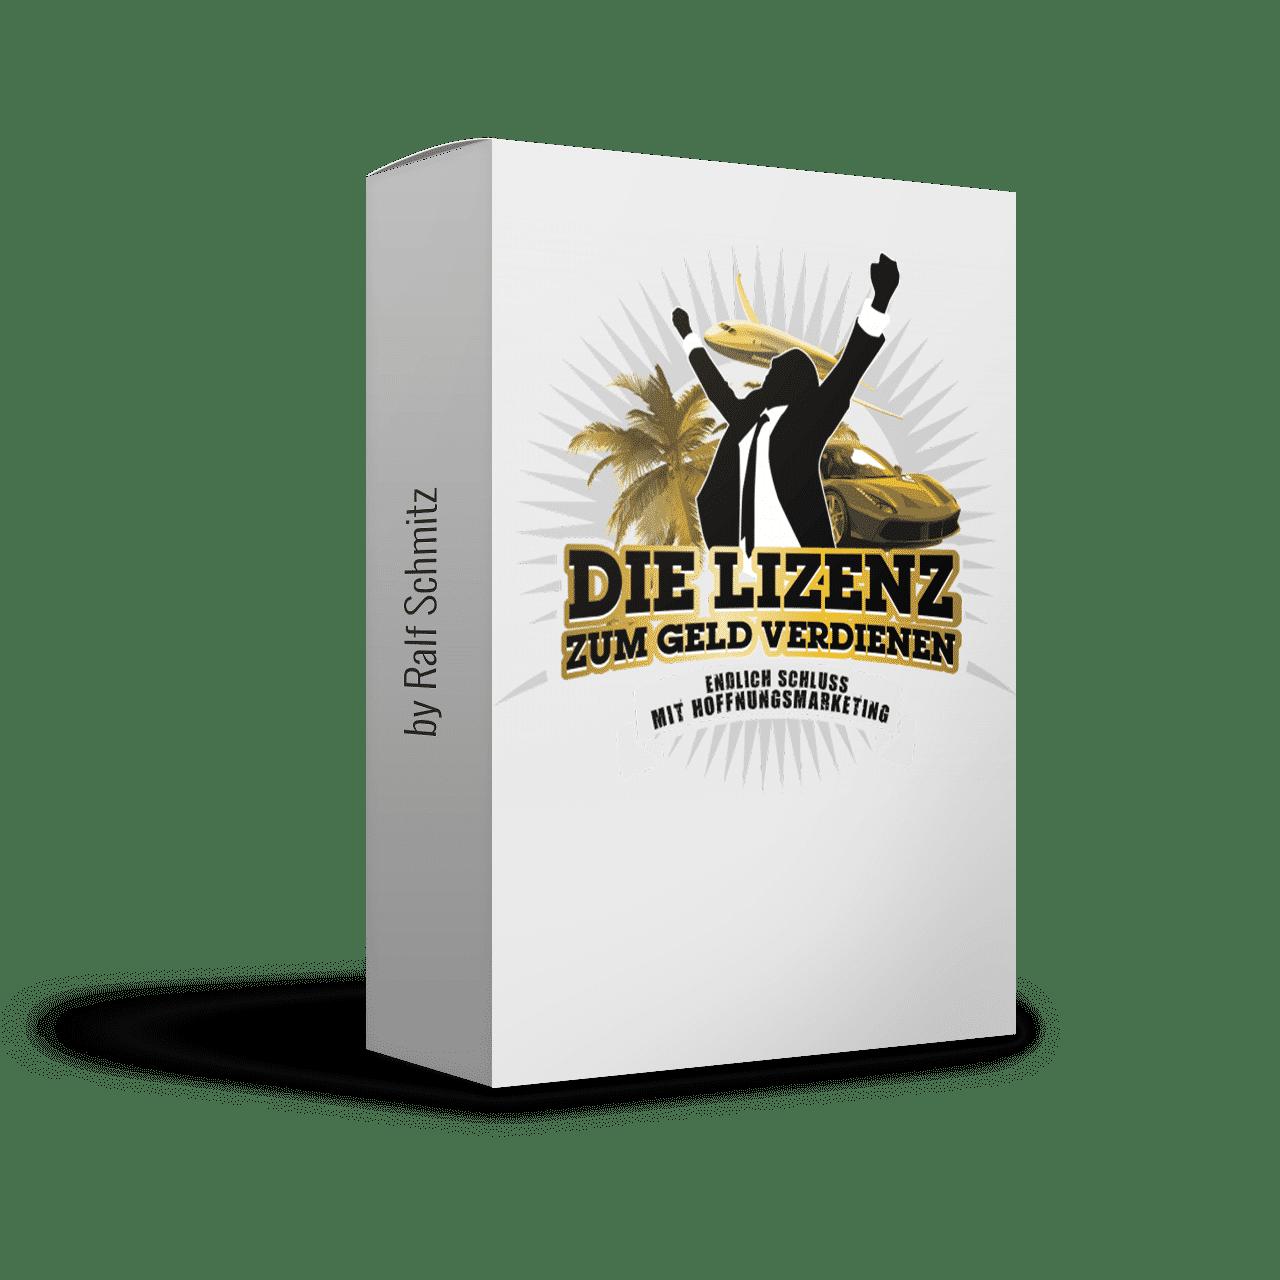 Die Lizenz zum Geld verdienen: Erfolgspaket von Ralf Schmitz